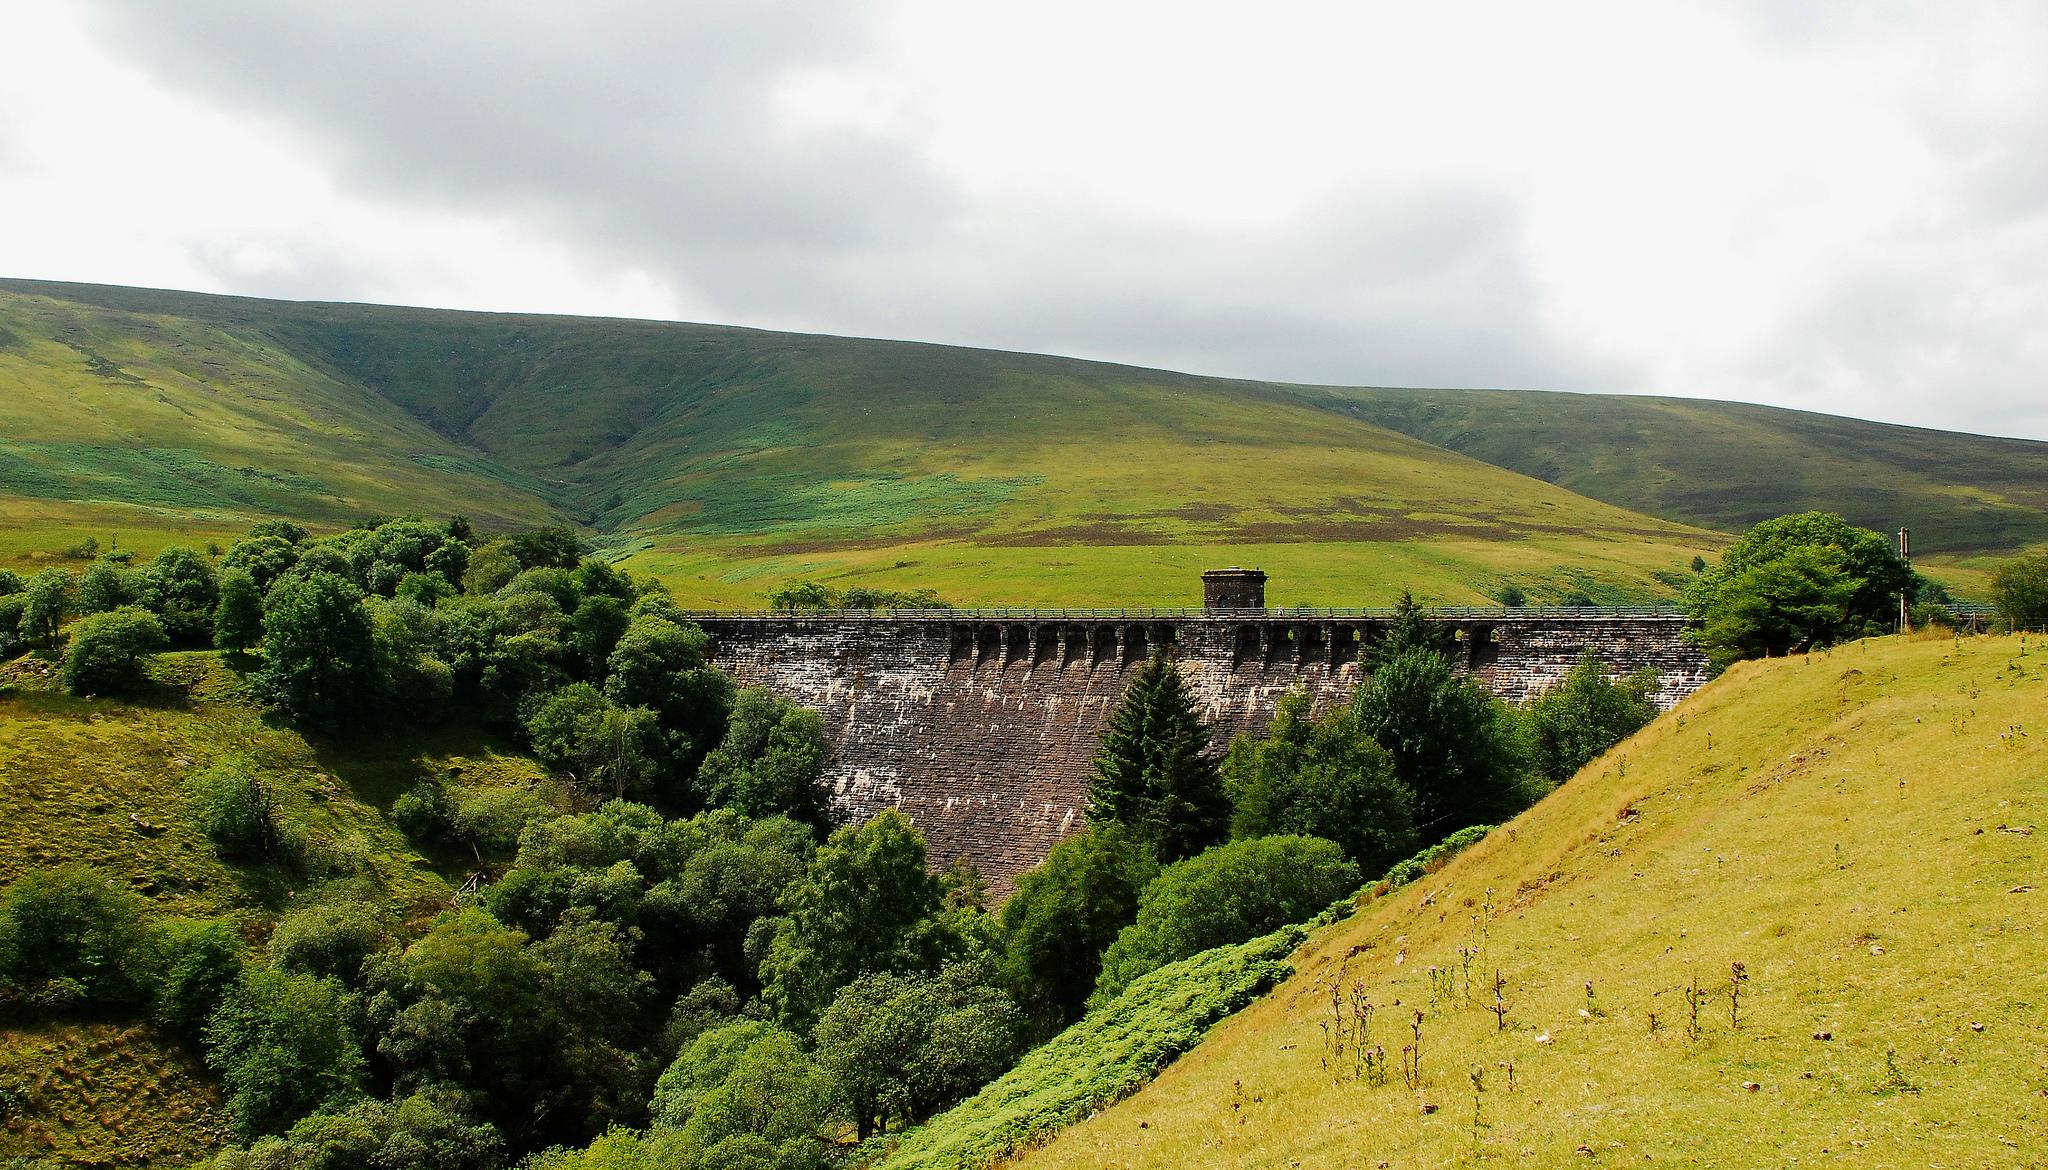 Grwyne Fawr reservoir pic